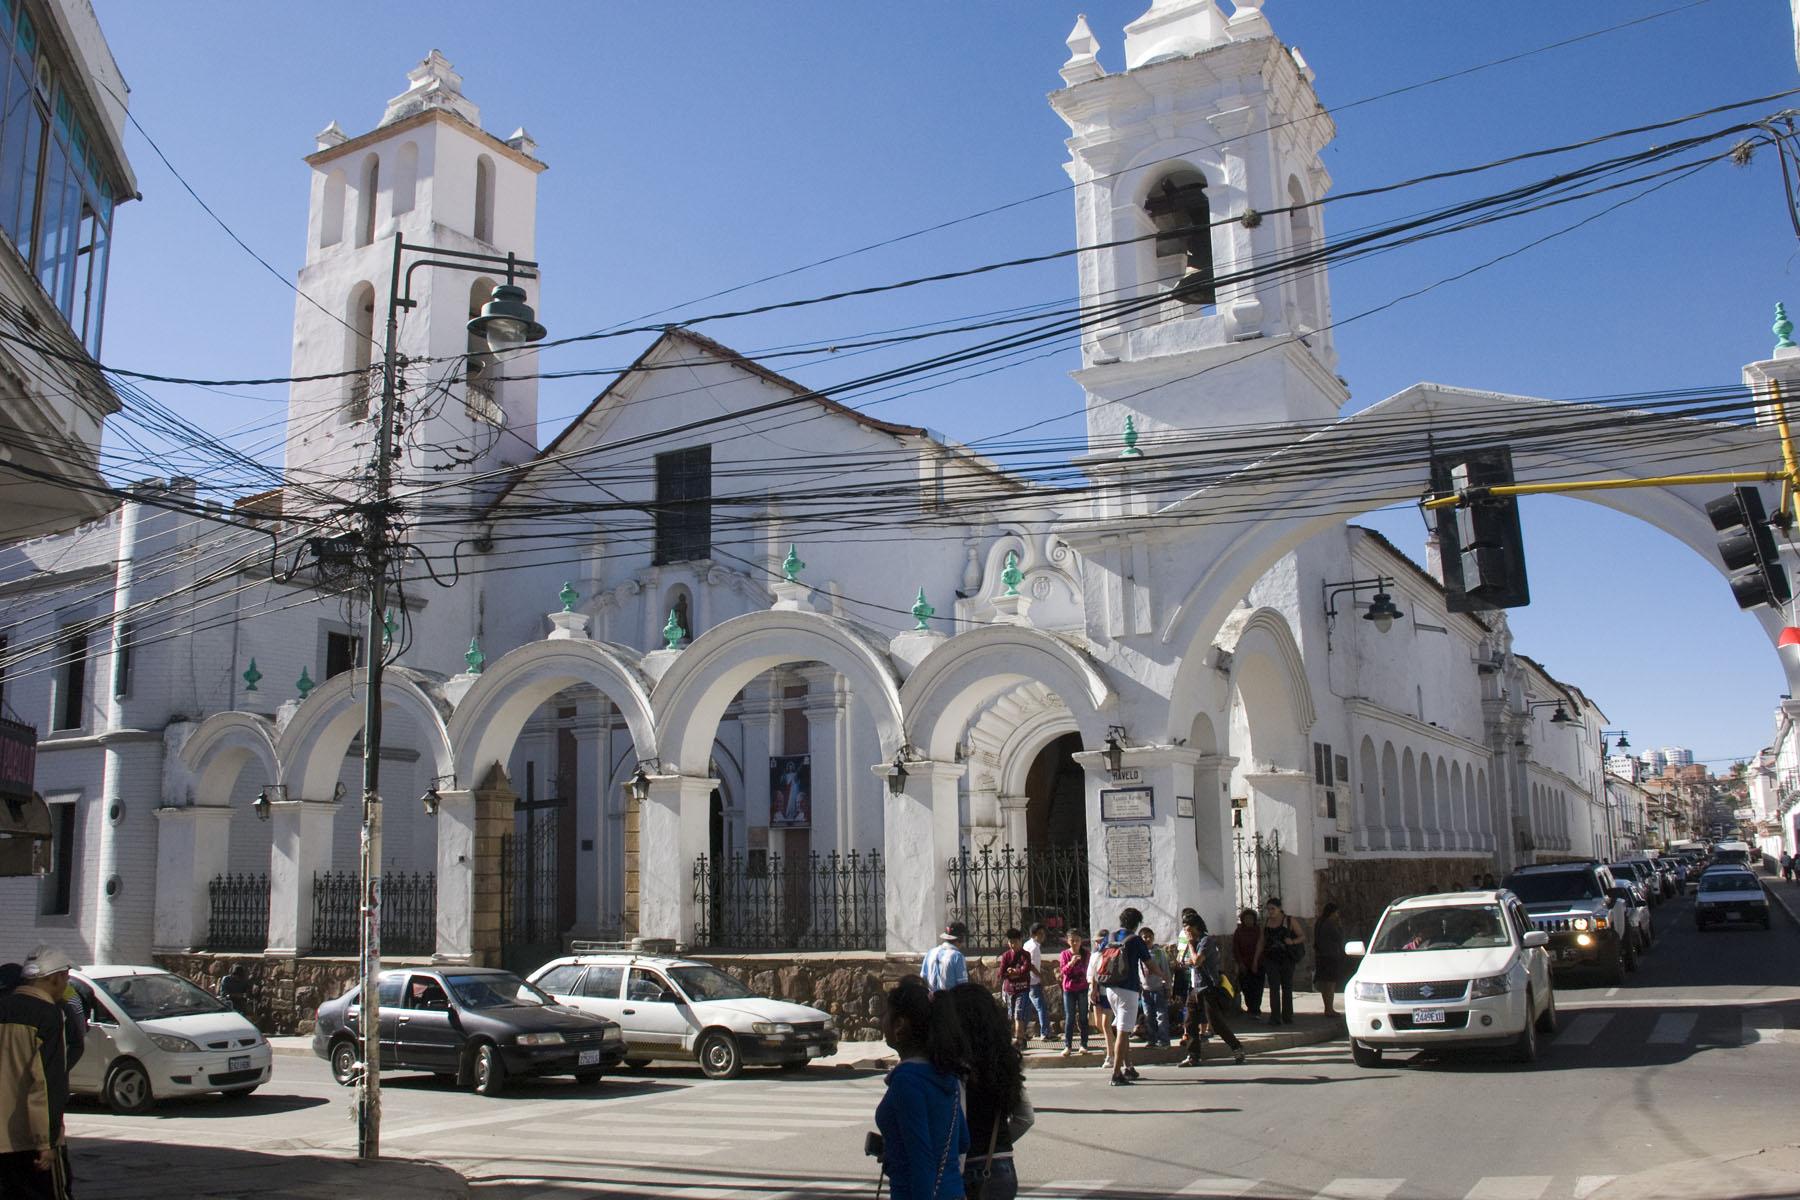 Reisverslag bolivia & peru april/mei